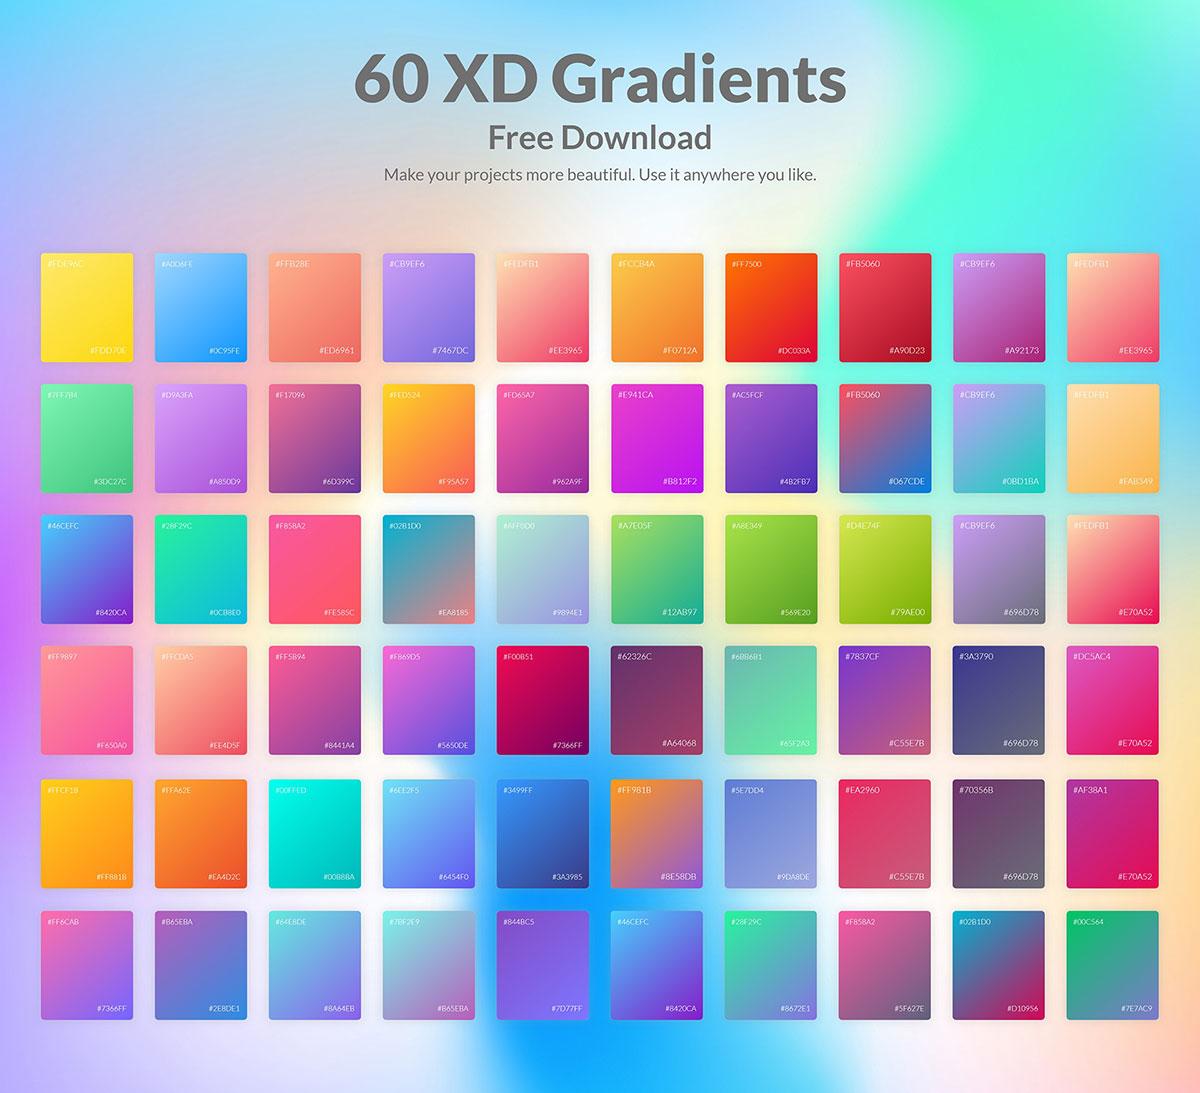 Free 60 XD Gradients